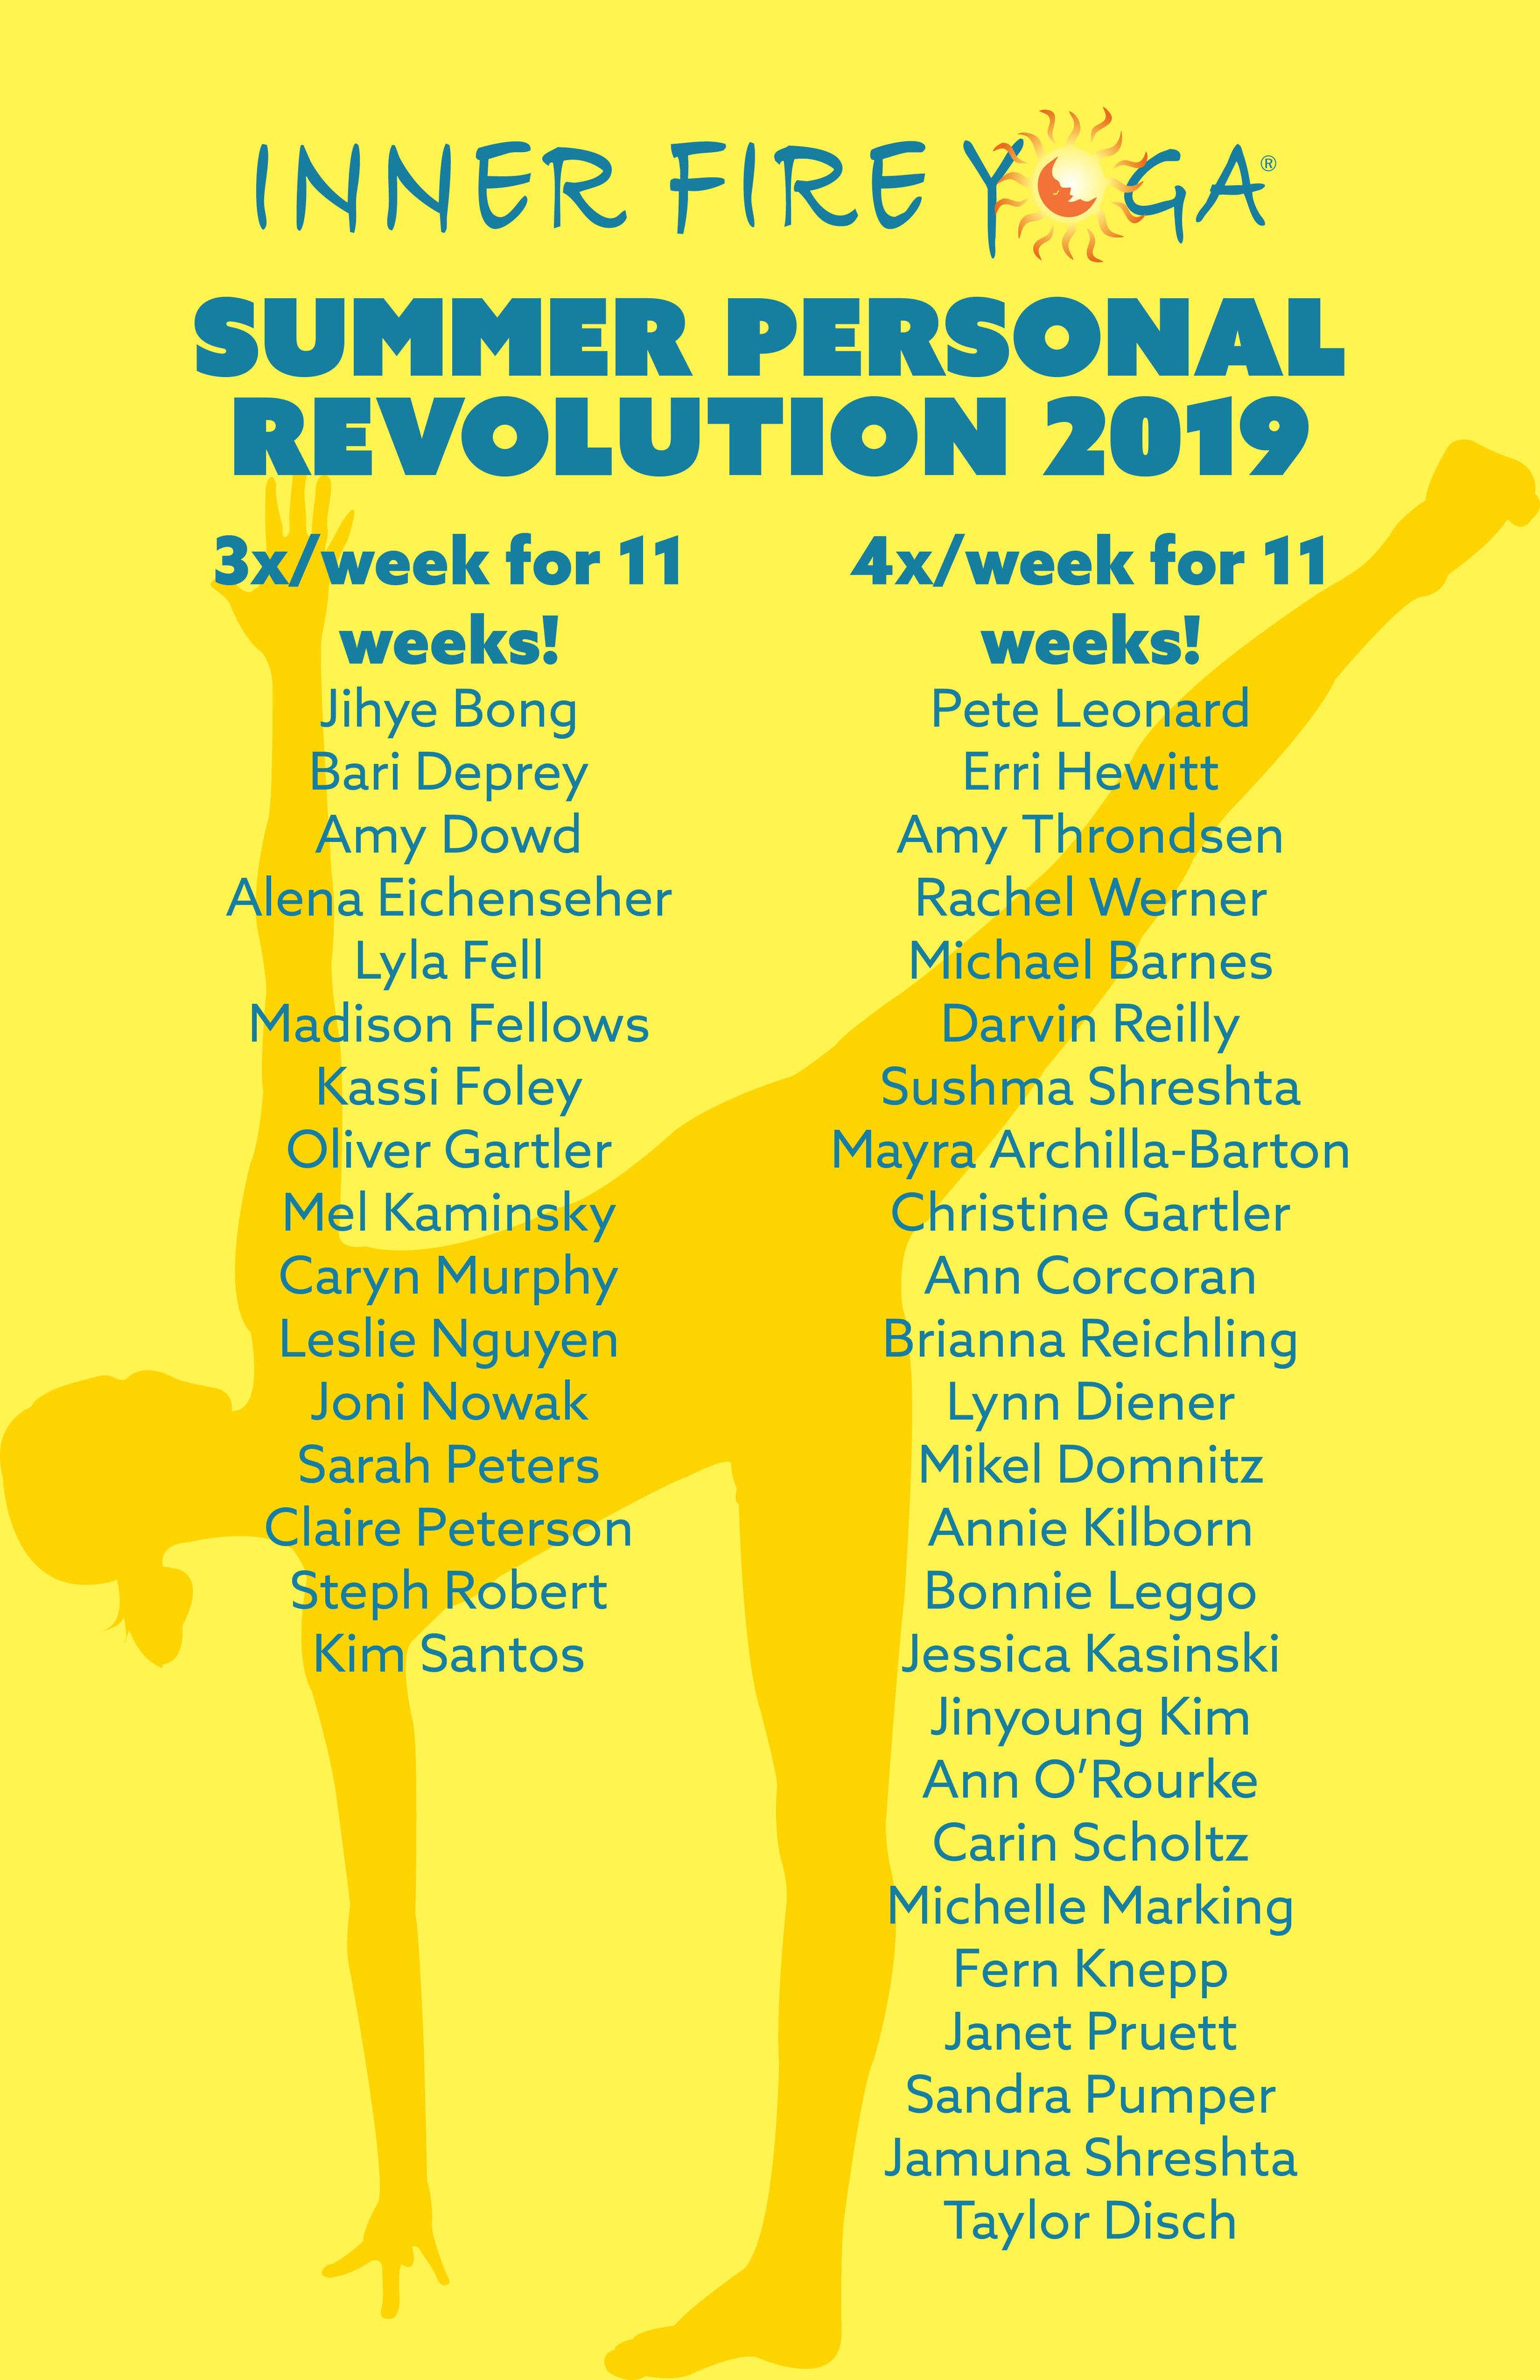 19-9-5 summer personal revolution wall poster.jpg